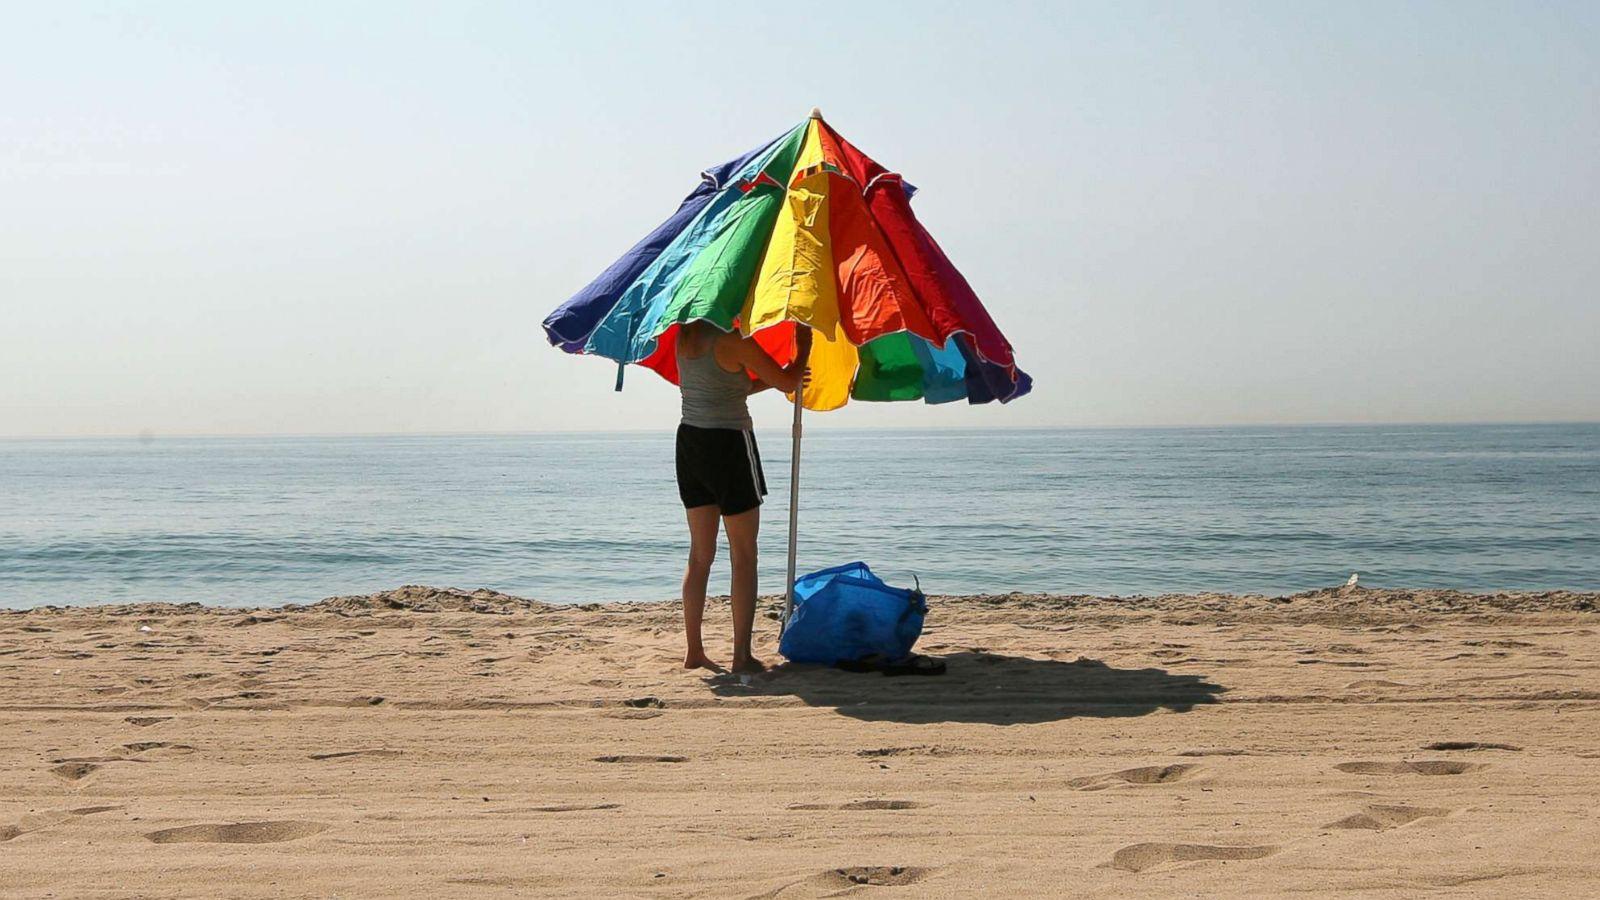 Choosing a beach umbrella